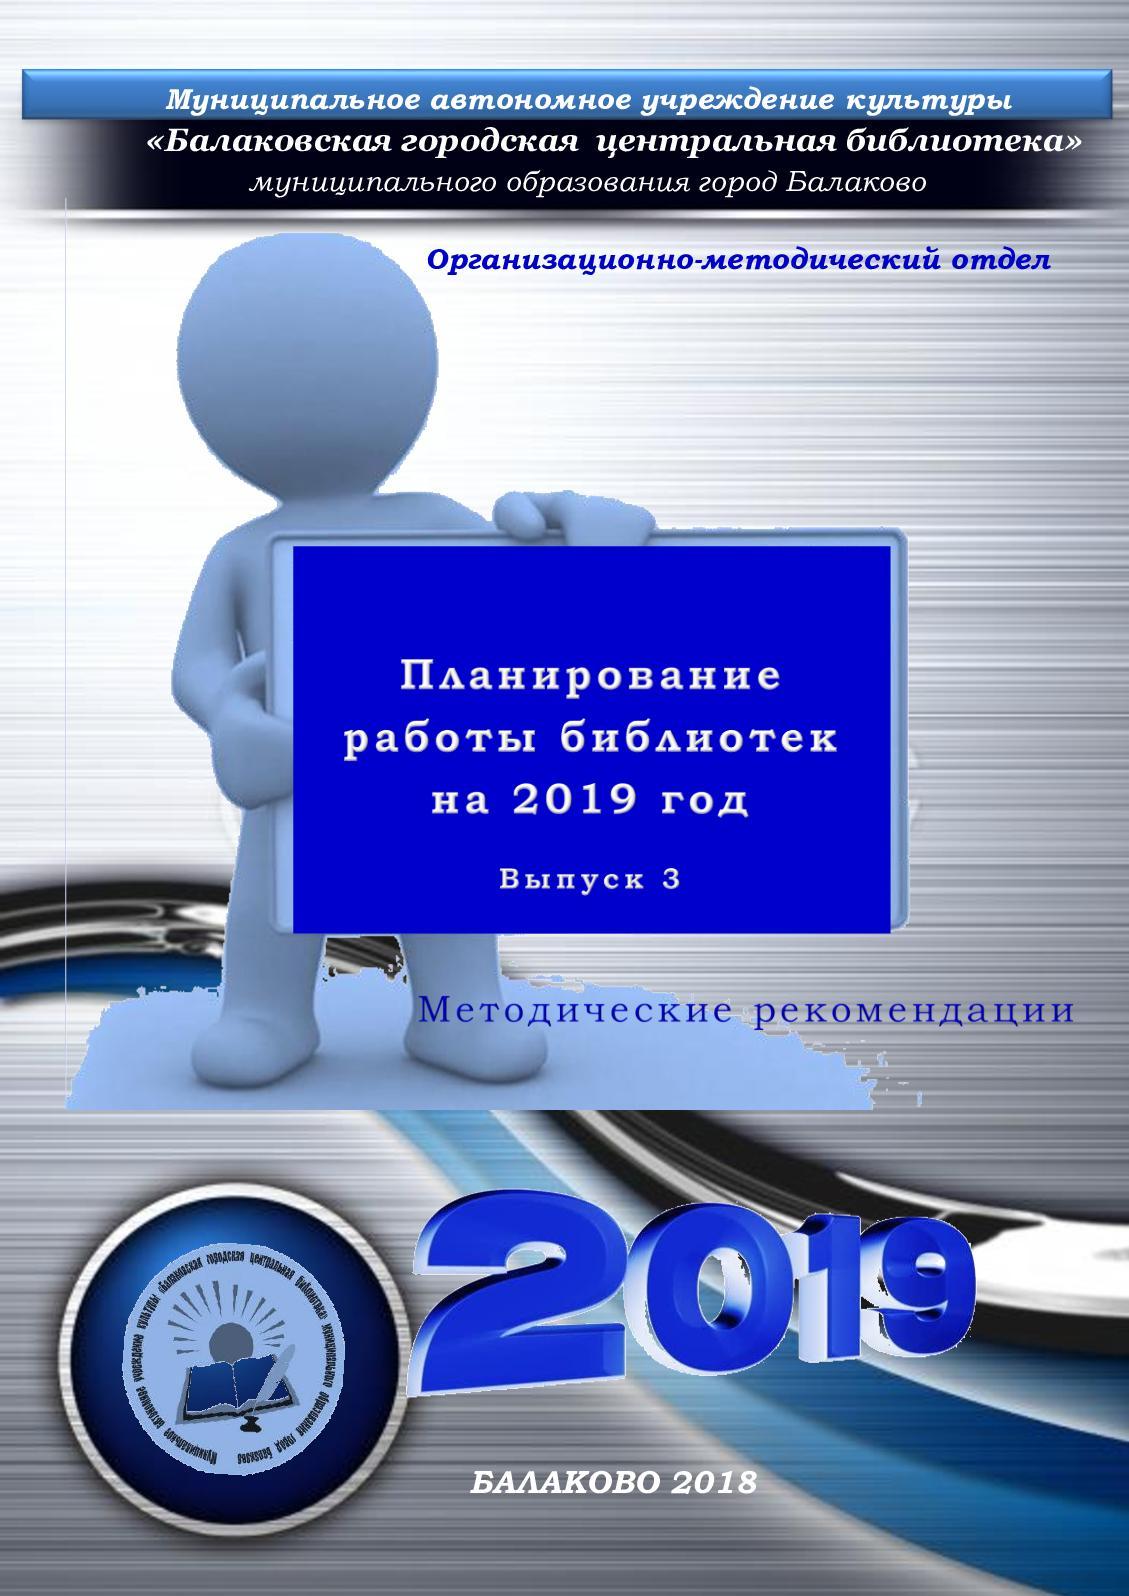 Планирование работы библиотек на 2019 год